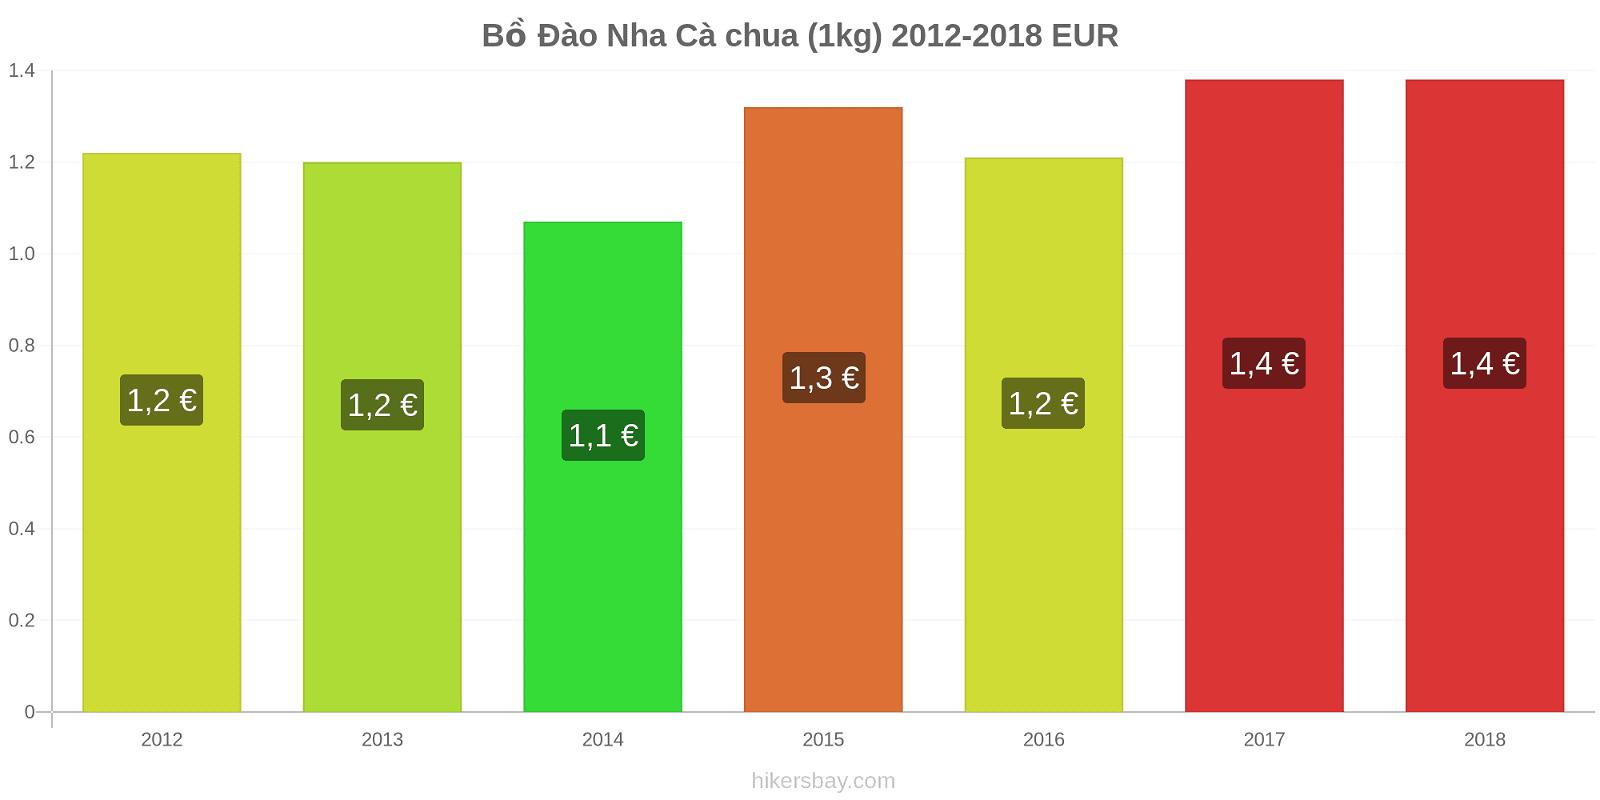 Bồ Đào Nha thay đổi giá Cà chua (1kg) hikersbay.com